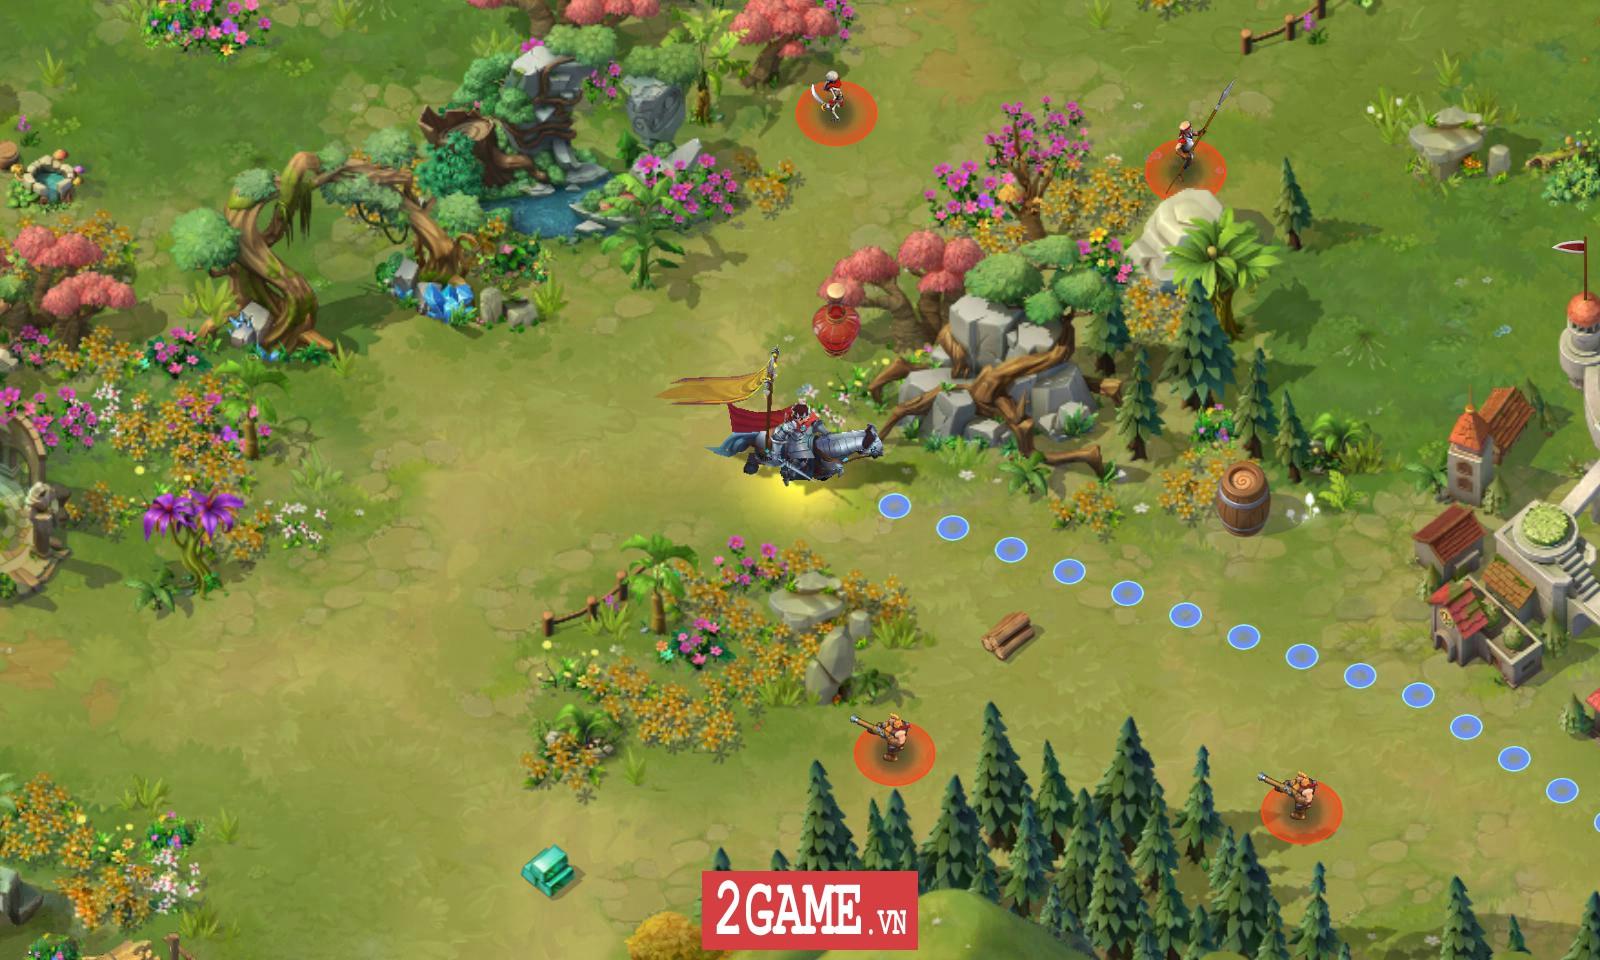 Art of Conquest – Game chiến thuật đỉnh cao với lối chơi dàn trận đa dạng, hỗ trợ cả tiếng Việt 1